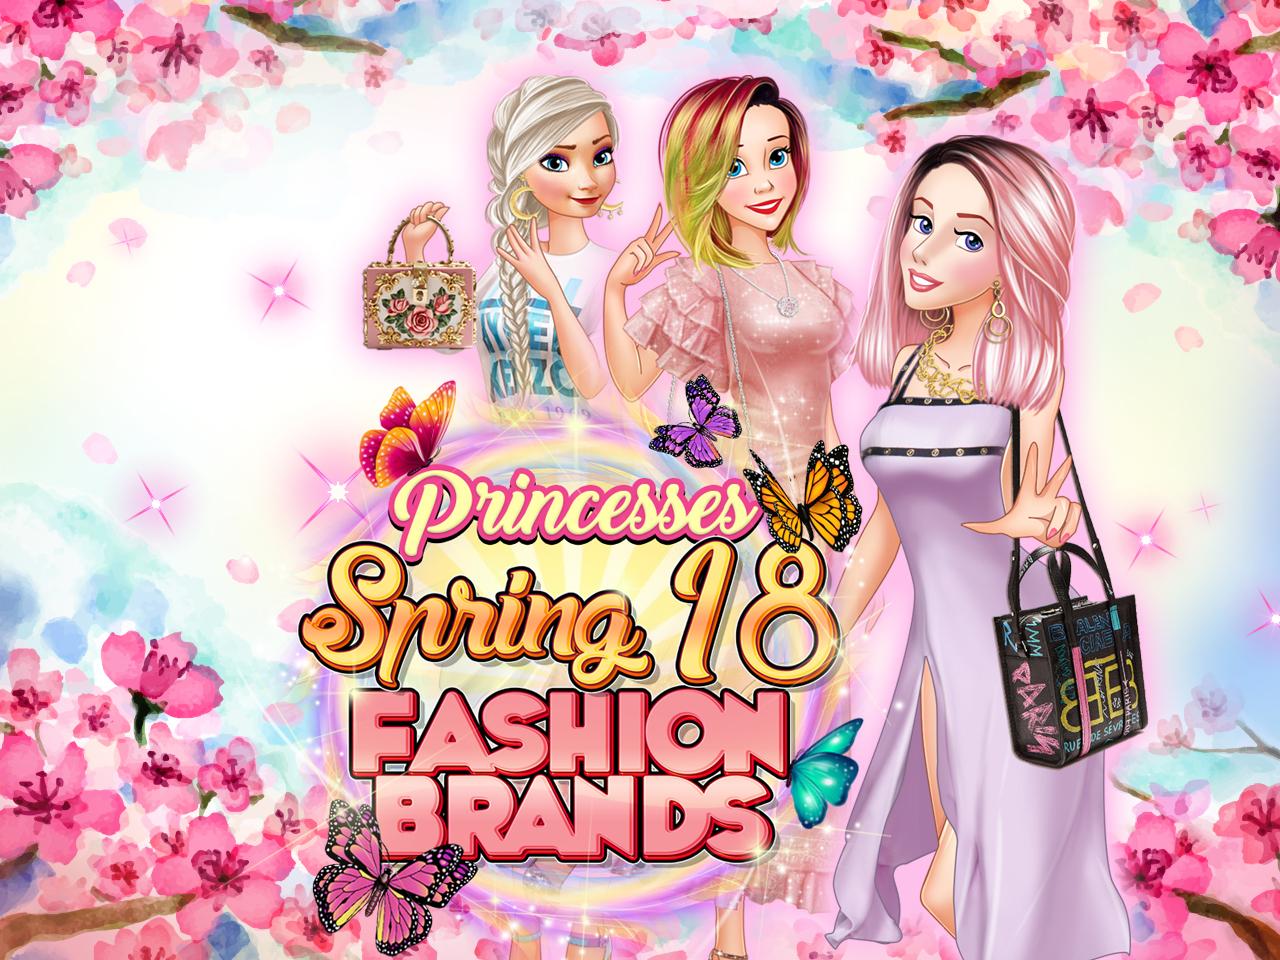 Princesses Spring 18 Fashion Brands